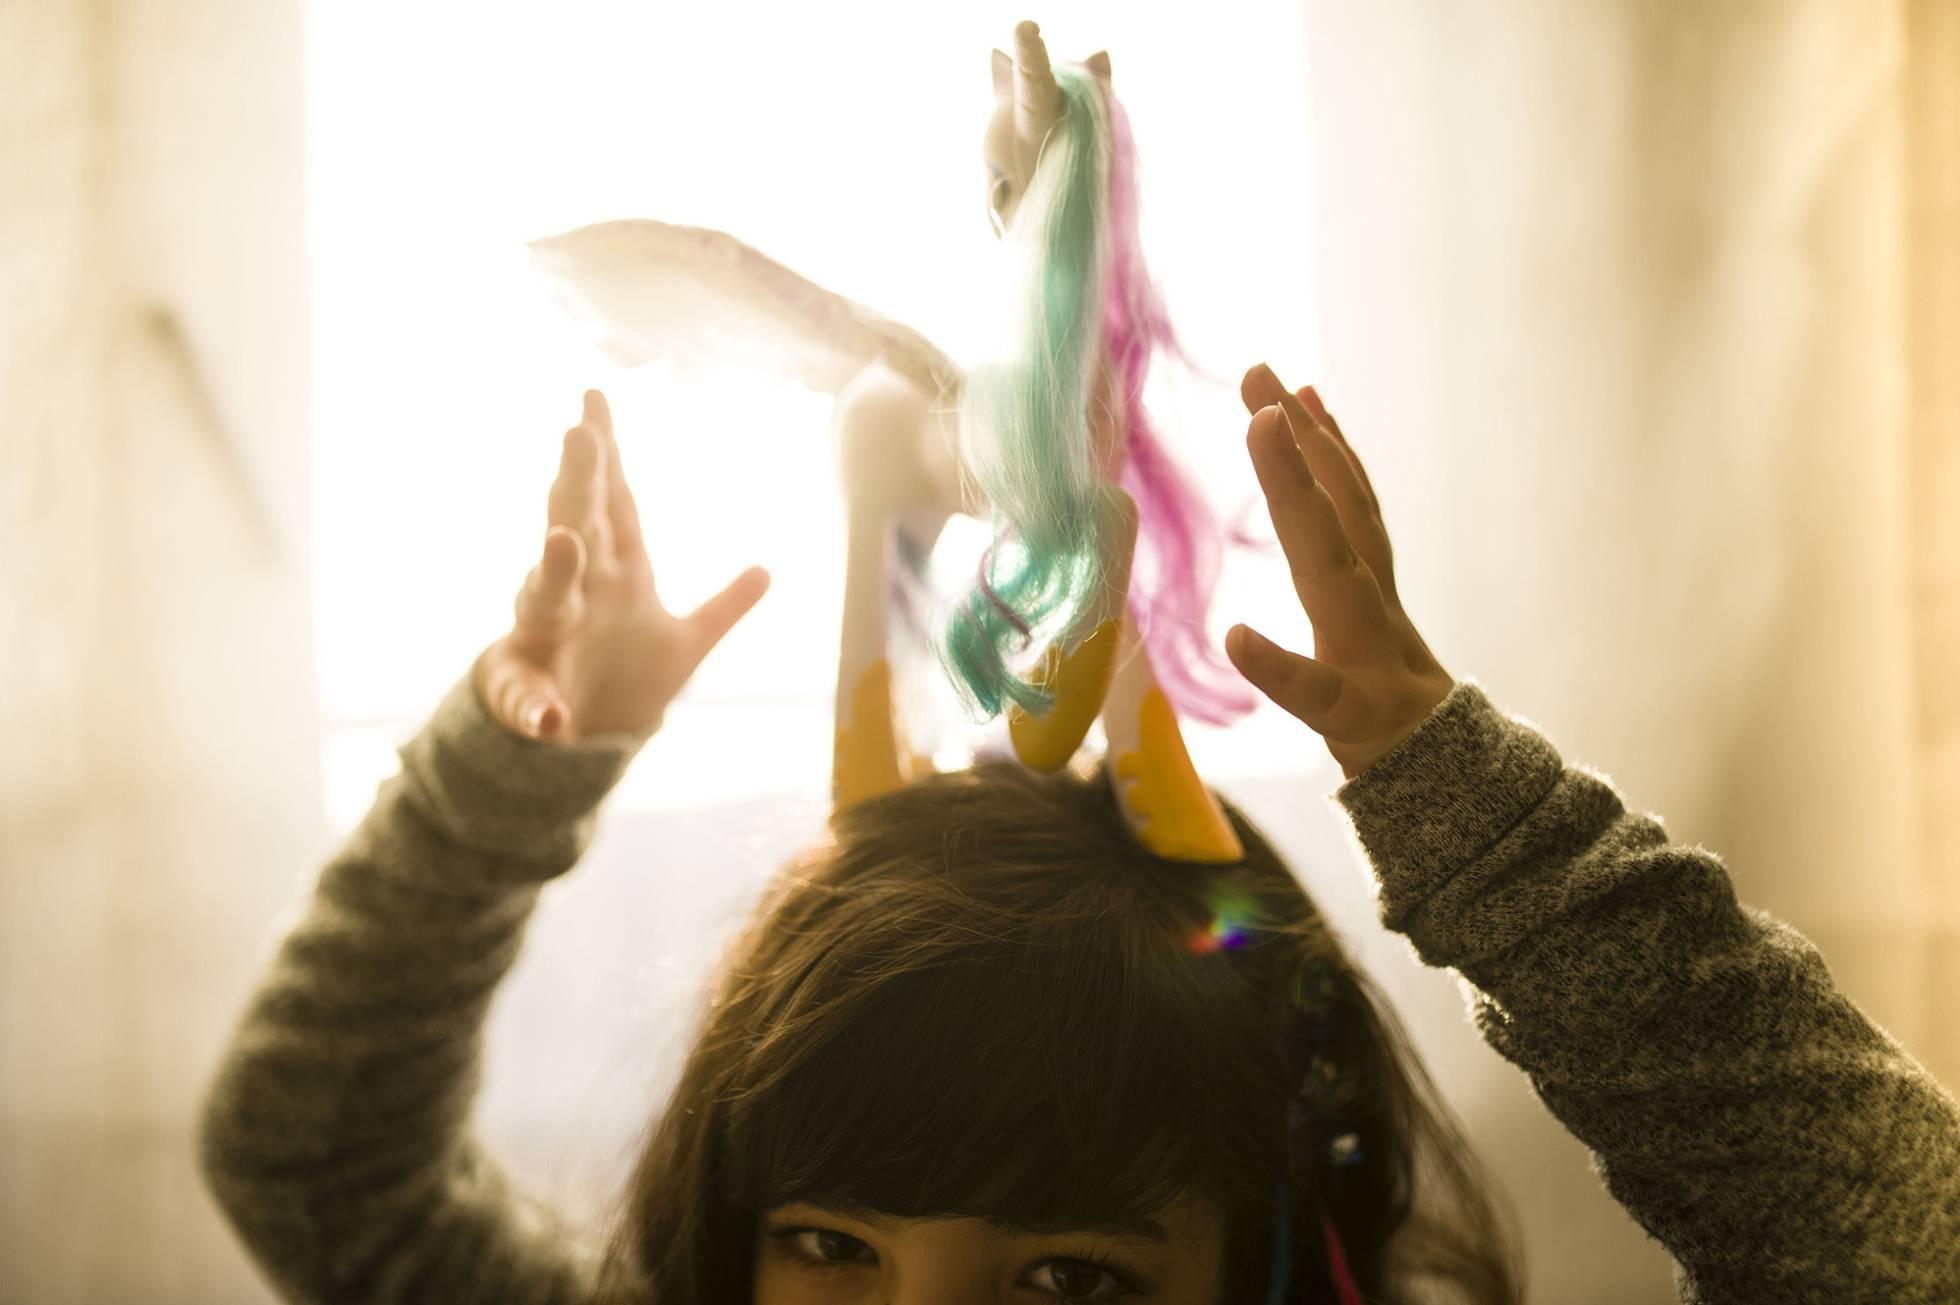 La niña con un unicornio, uno de sus juguetes preferidos. GABO CARUSO